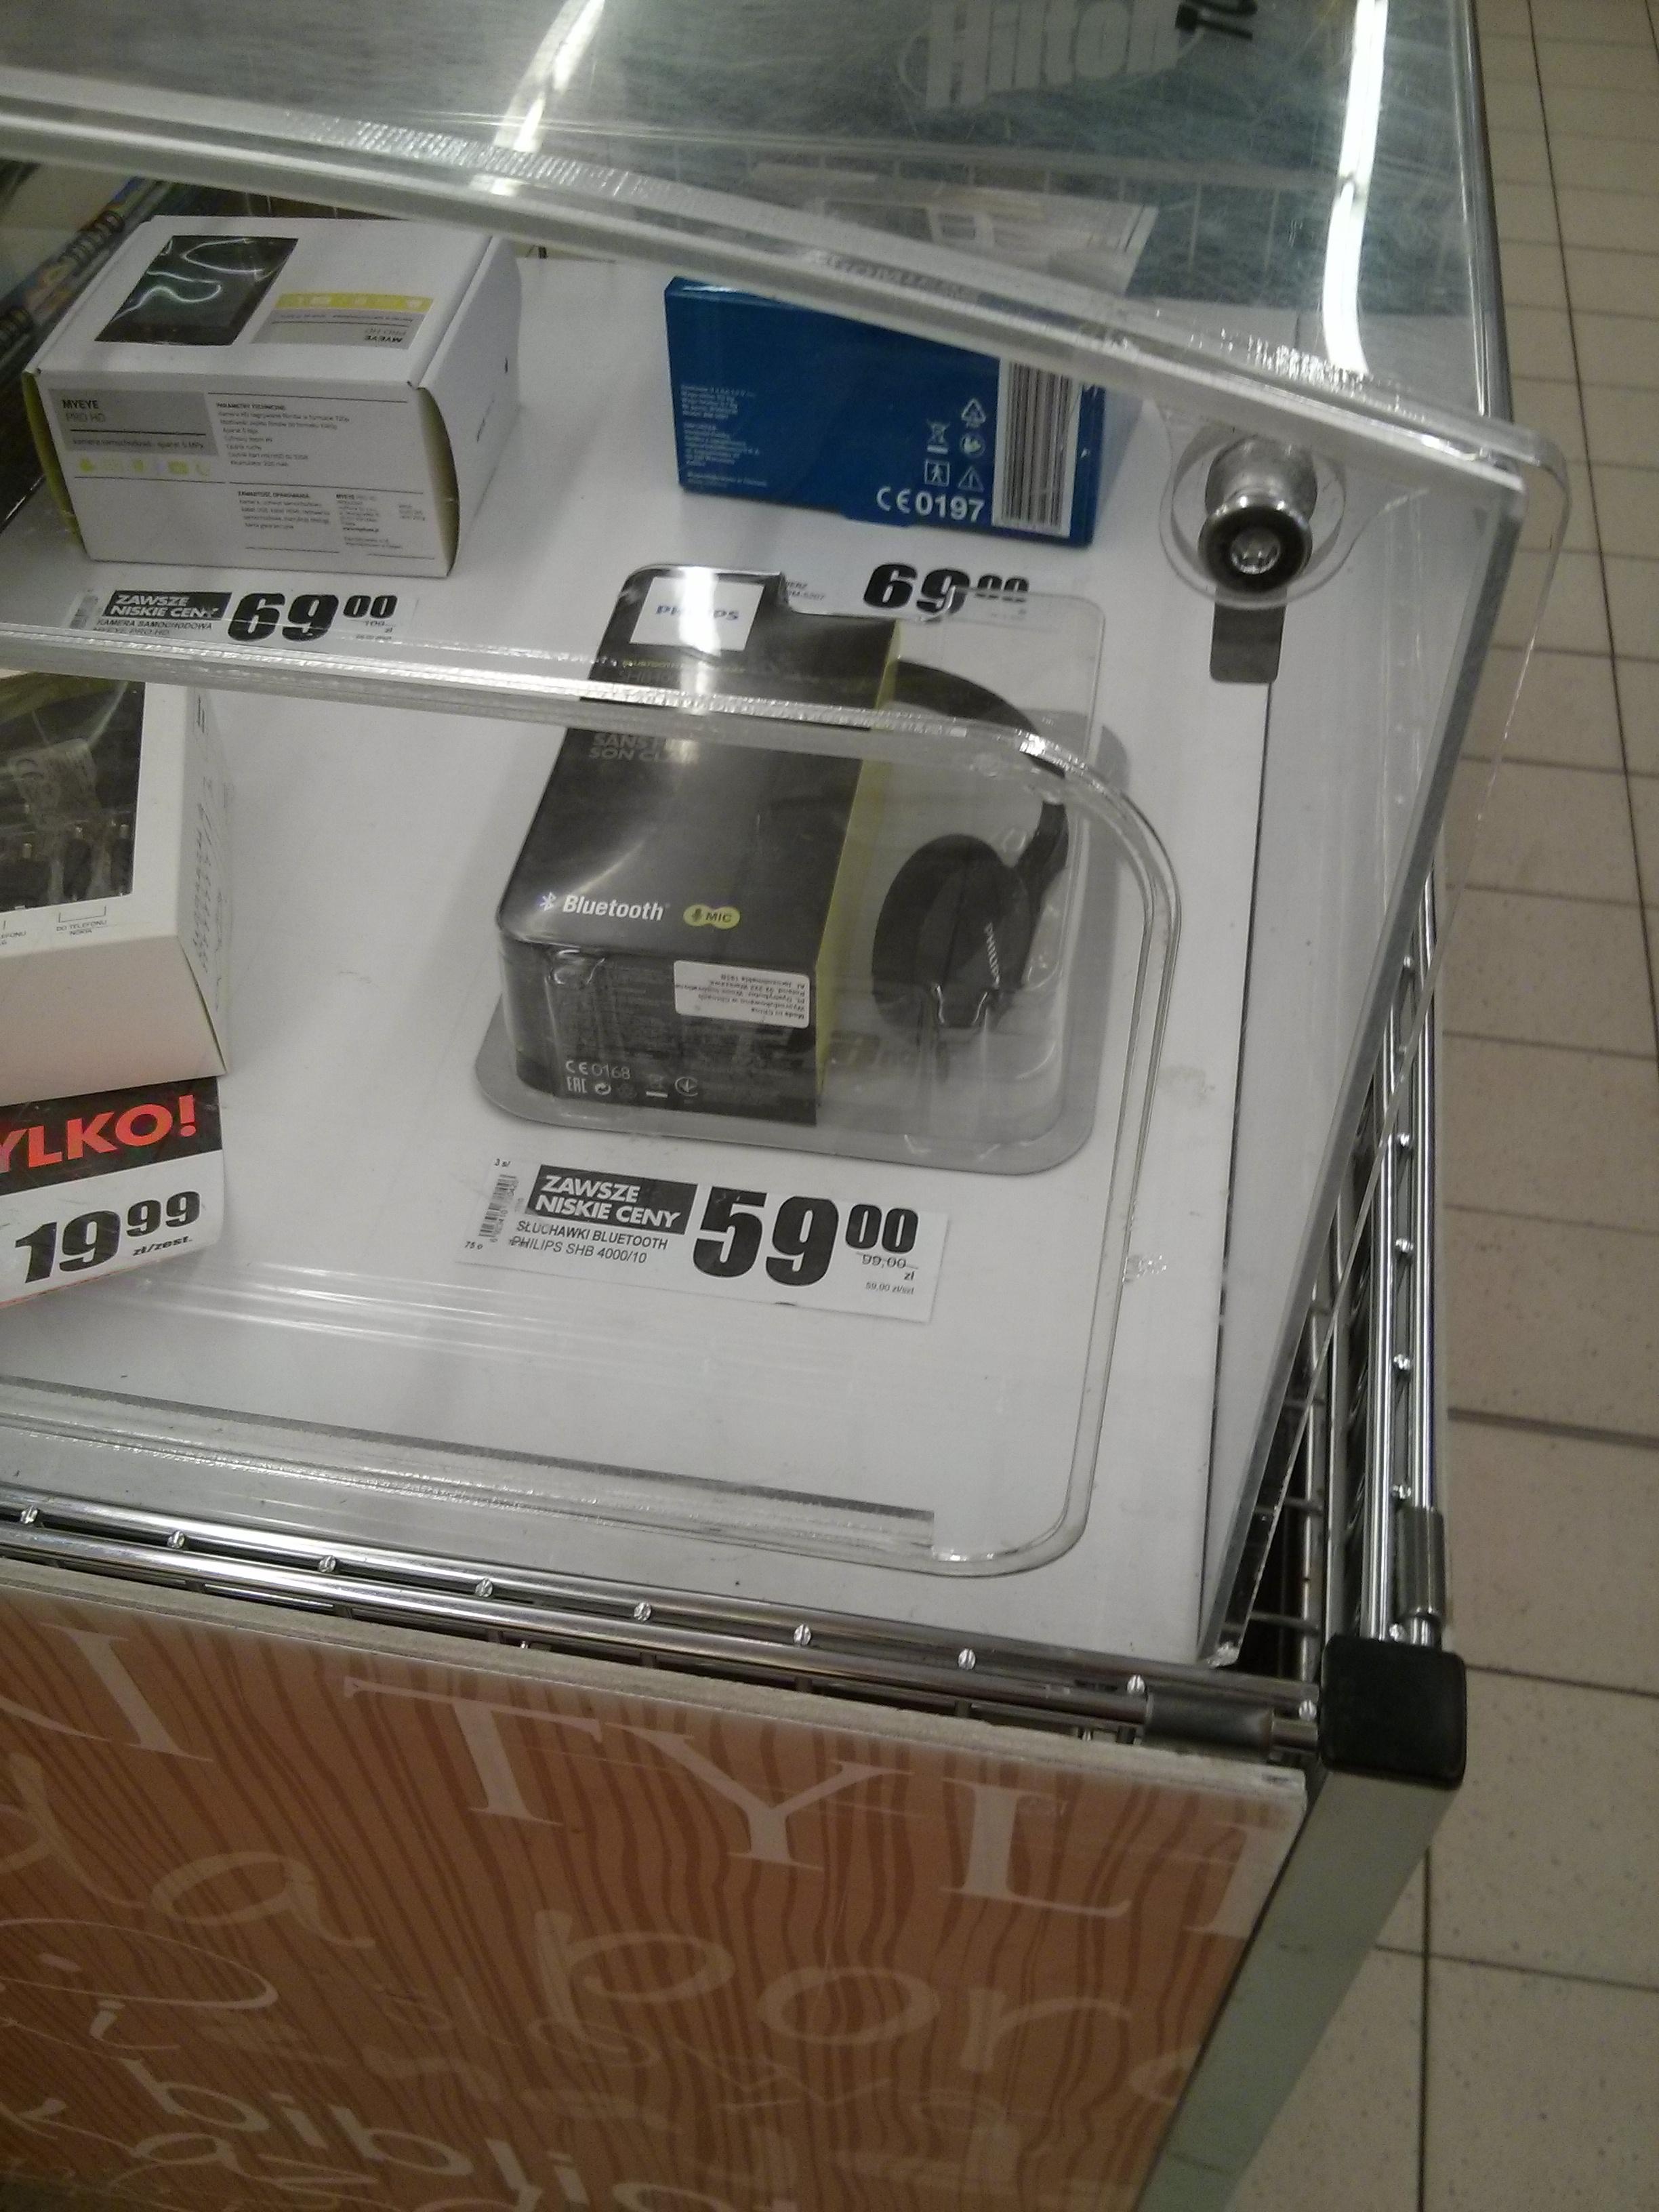 Słuchawki Bluetooth Philips SHB4000 za 59 zł @ Biedronka